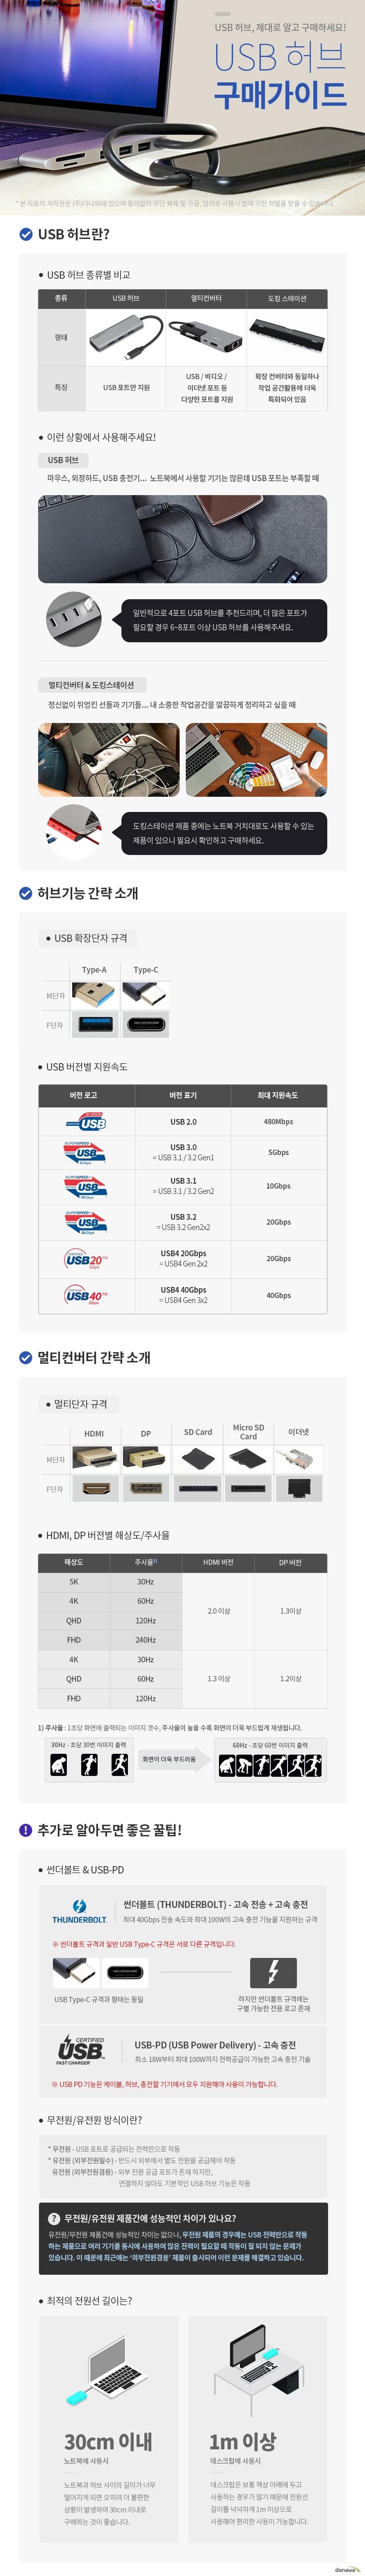 건평정보통신 IPLEX KP-4PHU3 (4포트/USB 3.0)